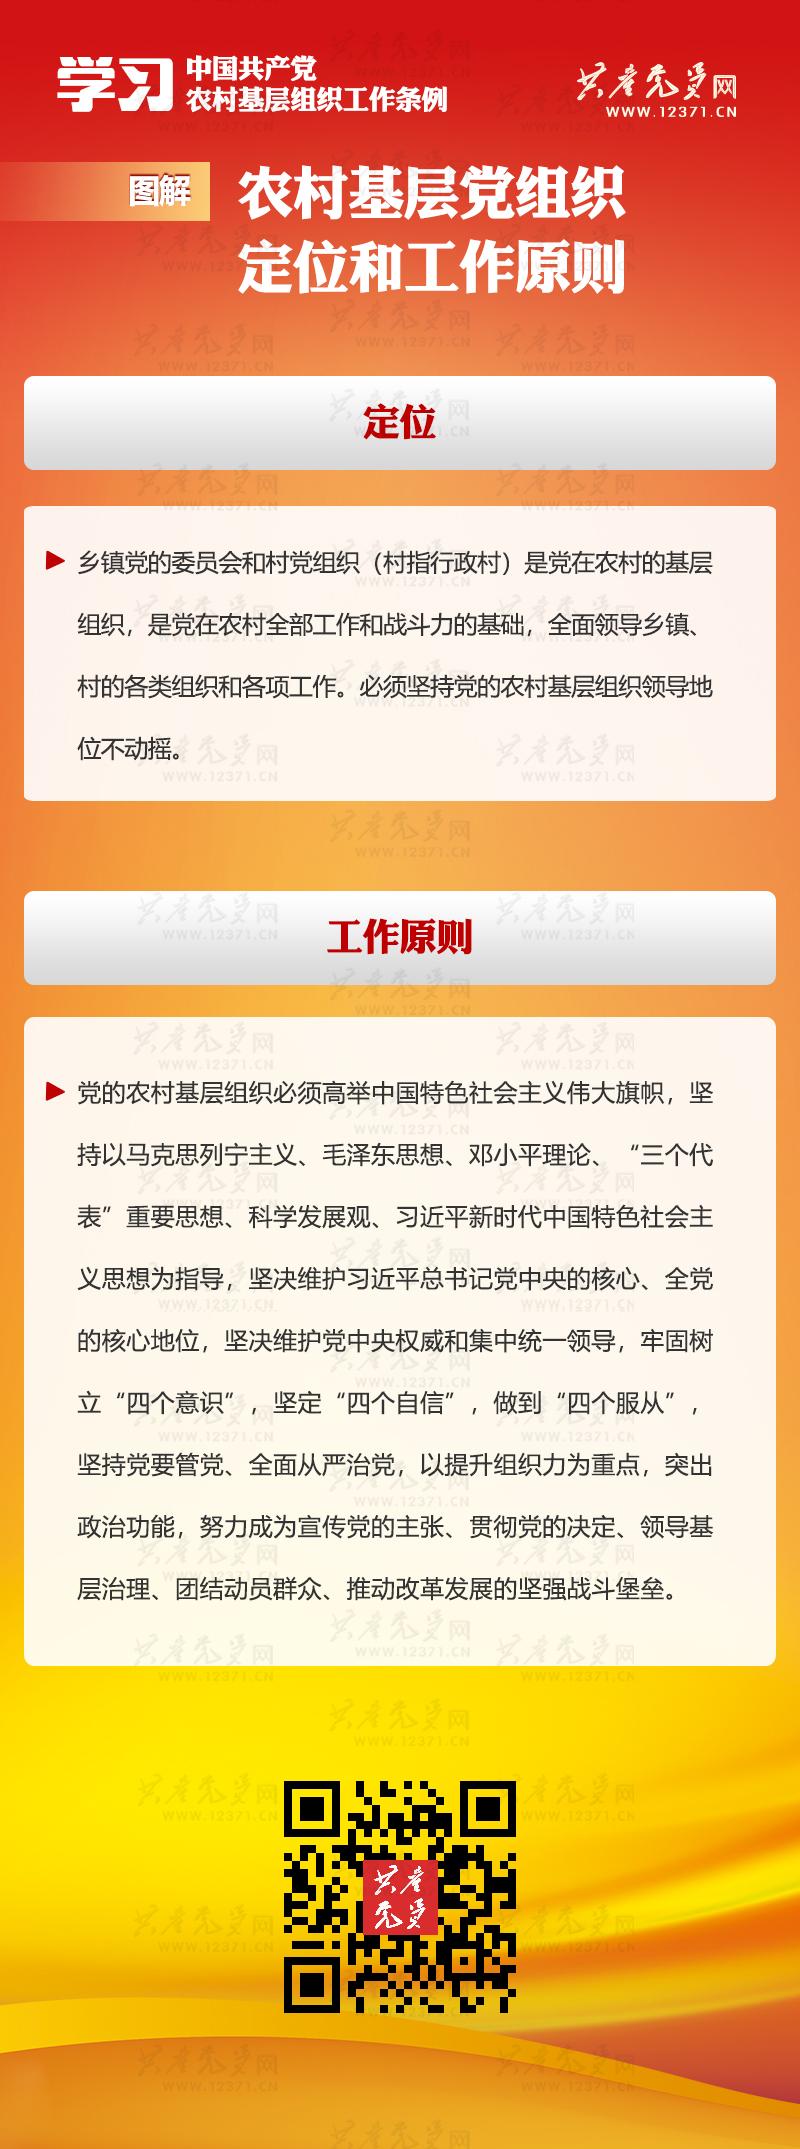 图解《中国共产党农村基层组织工作条例》① 定位和工作原则